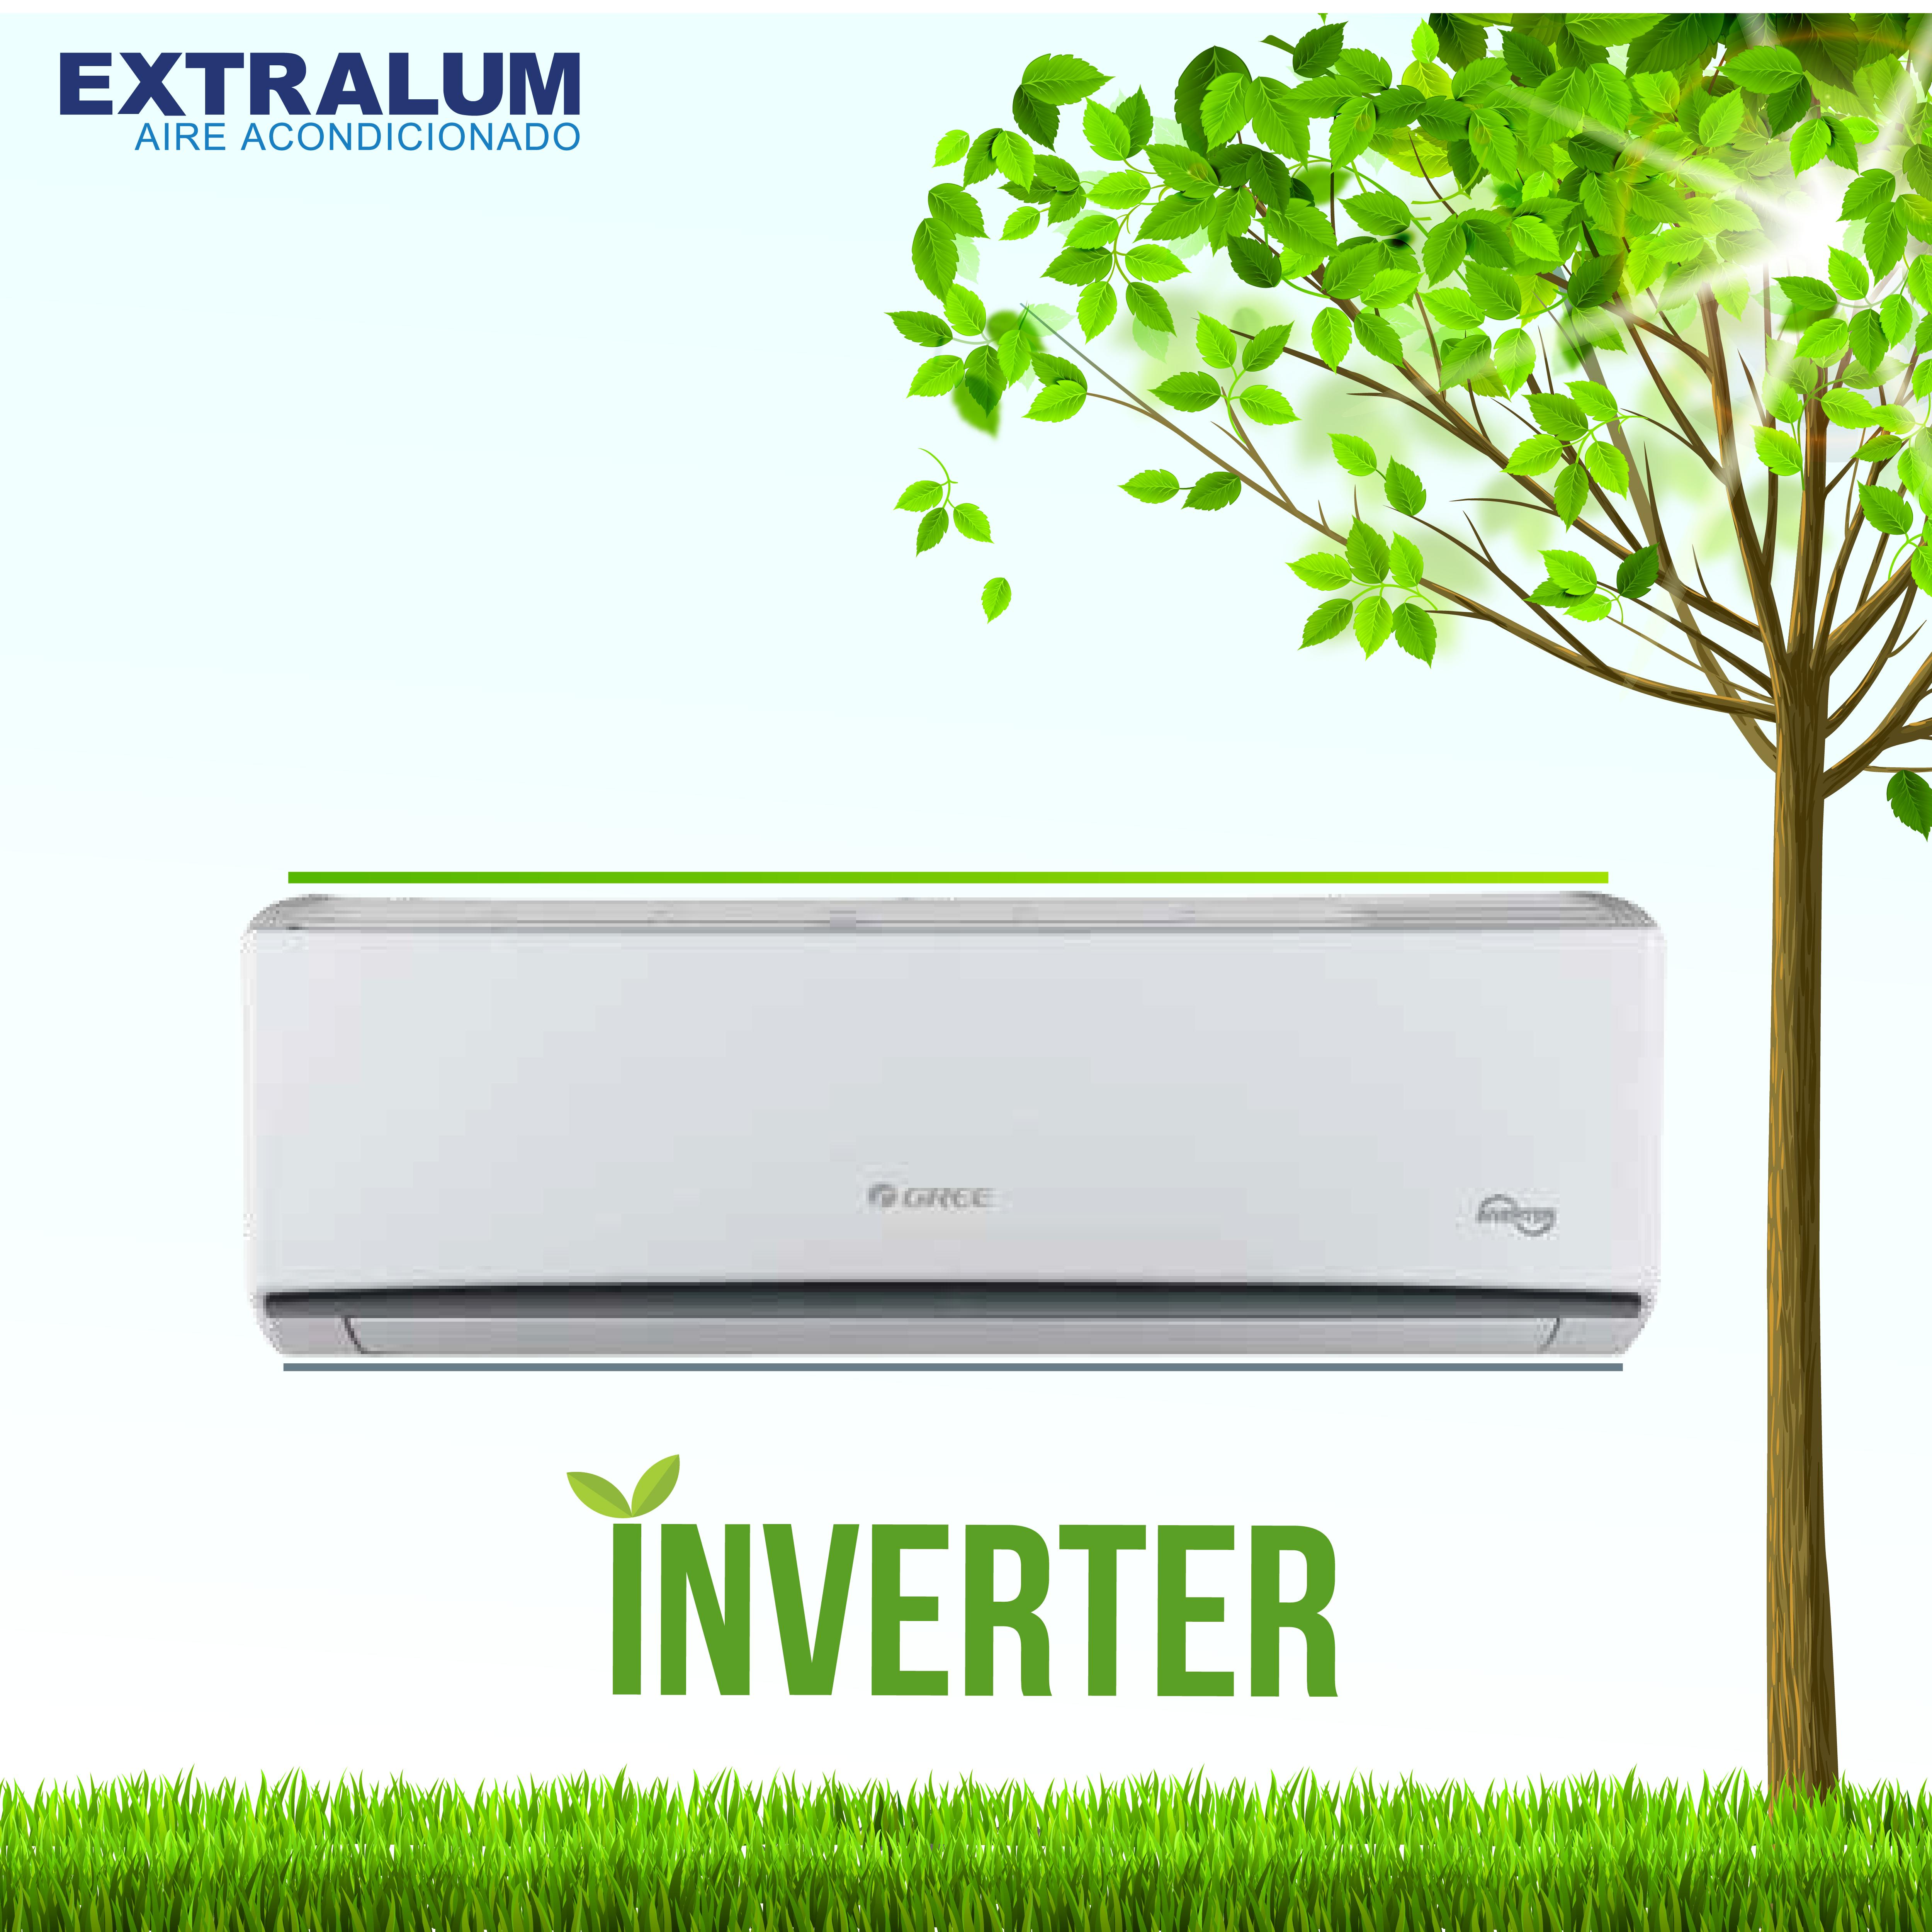 Lleve La Climatizacion Ecoeficiente A Su Hogar Innovacion Y Diseno Avanzado Fiabilidad Eficiencia Energetica Bose Soundlink Bose Speaker Bose Soundlink Mini